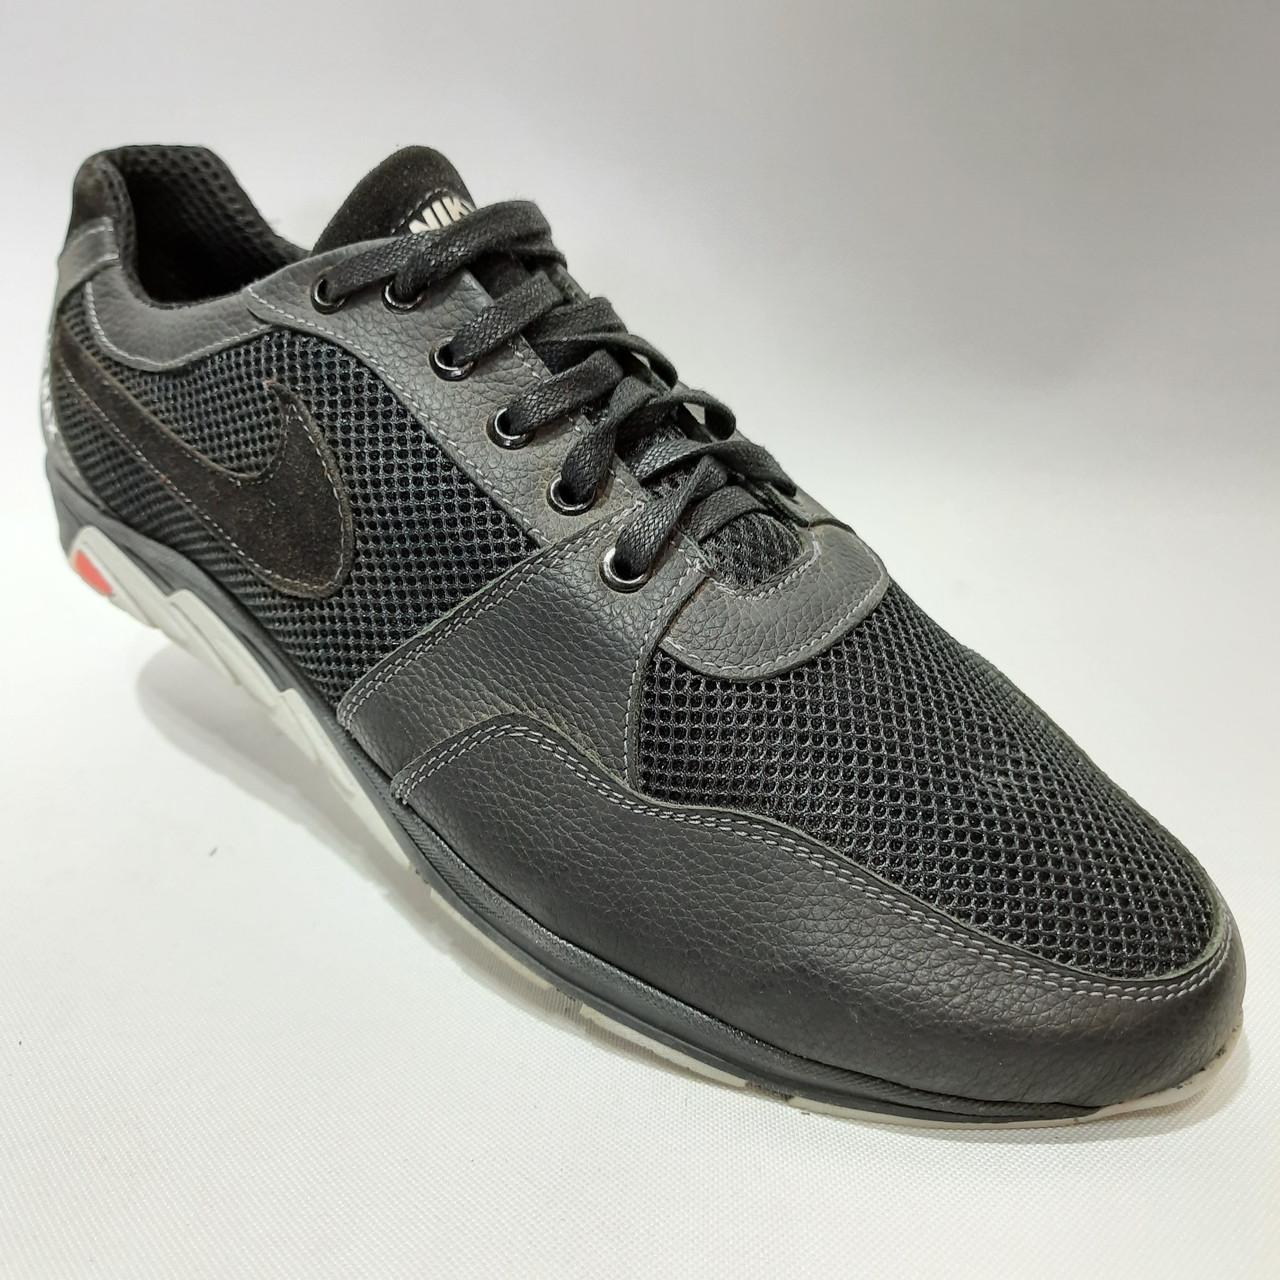 Летние кроссовки в стиле Nike (больших размеров) размеры р. 46, 47 Кожа / сетка черные